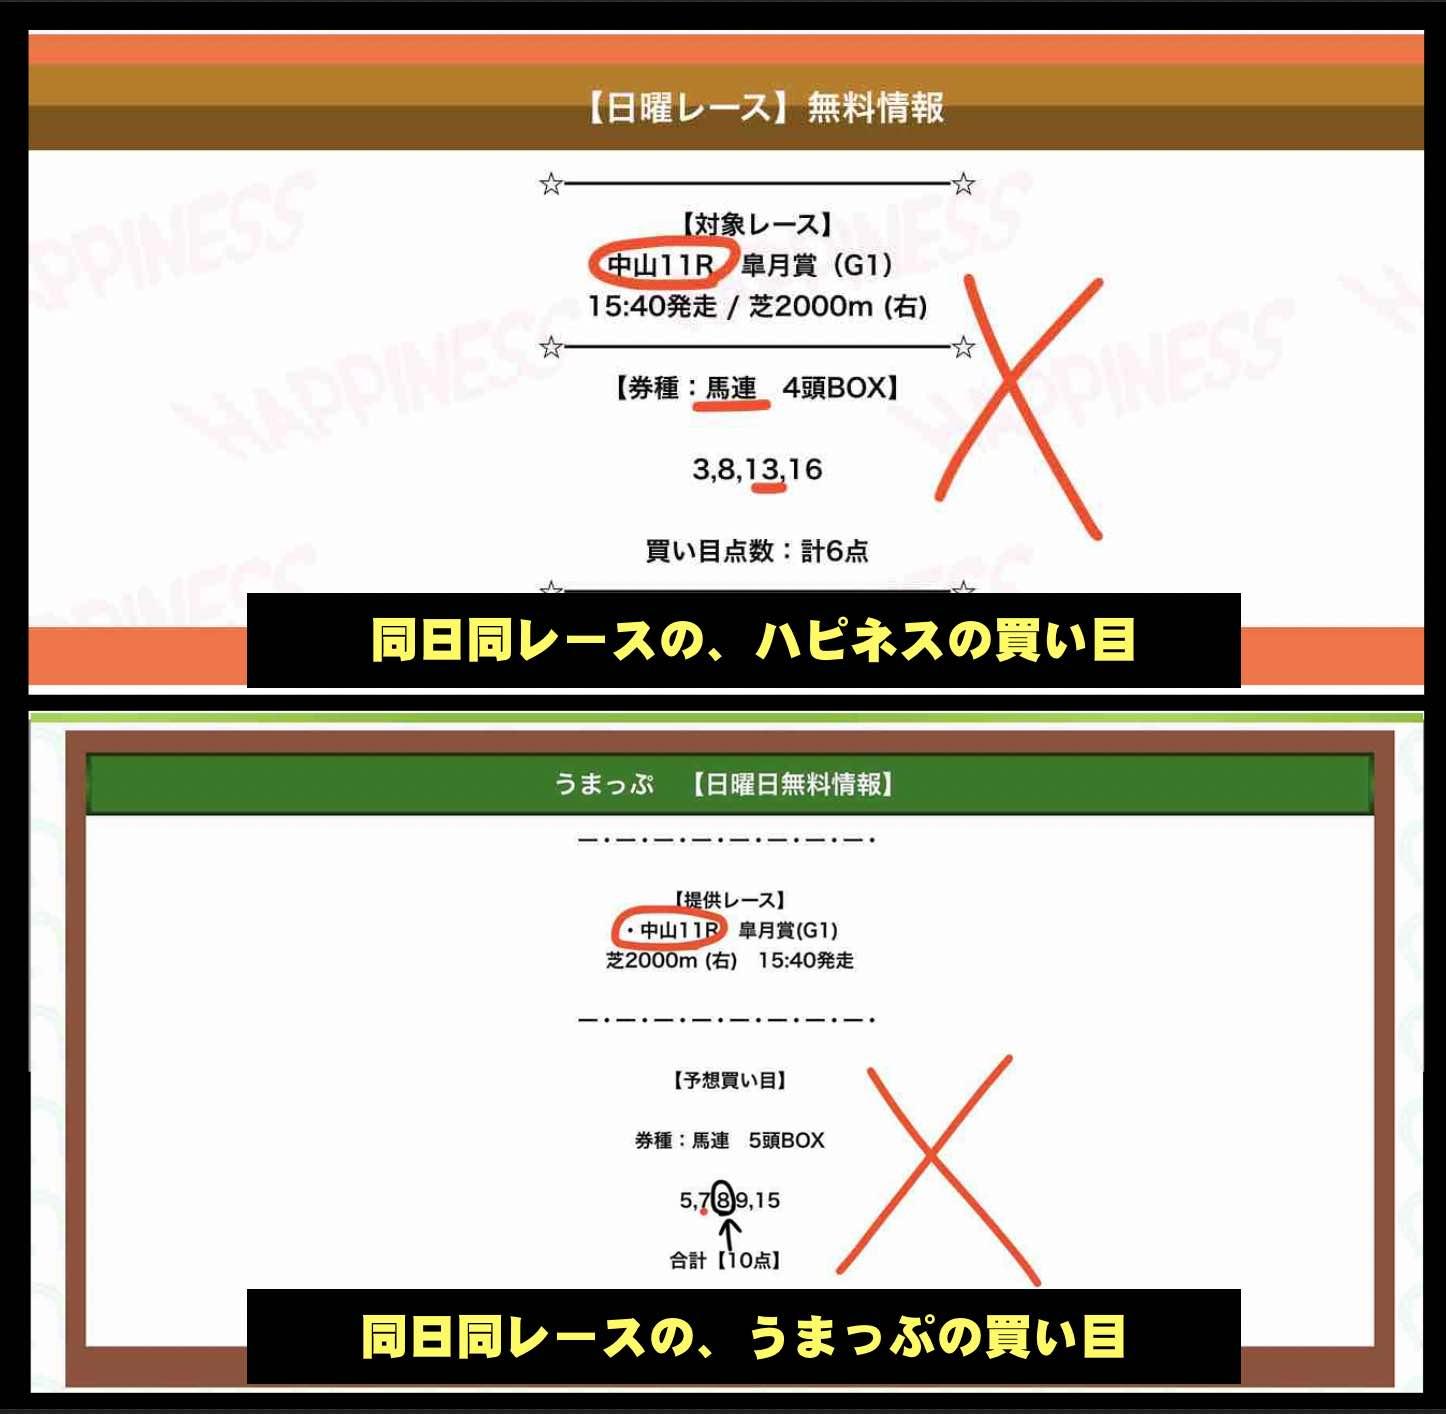 競馬予想サイトのハピネスとうまっぷ